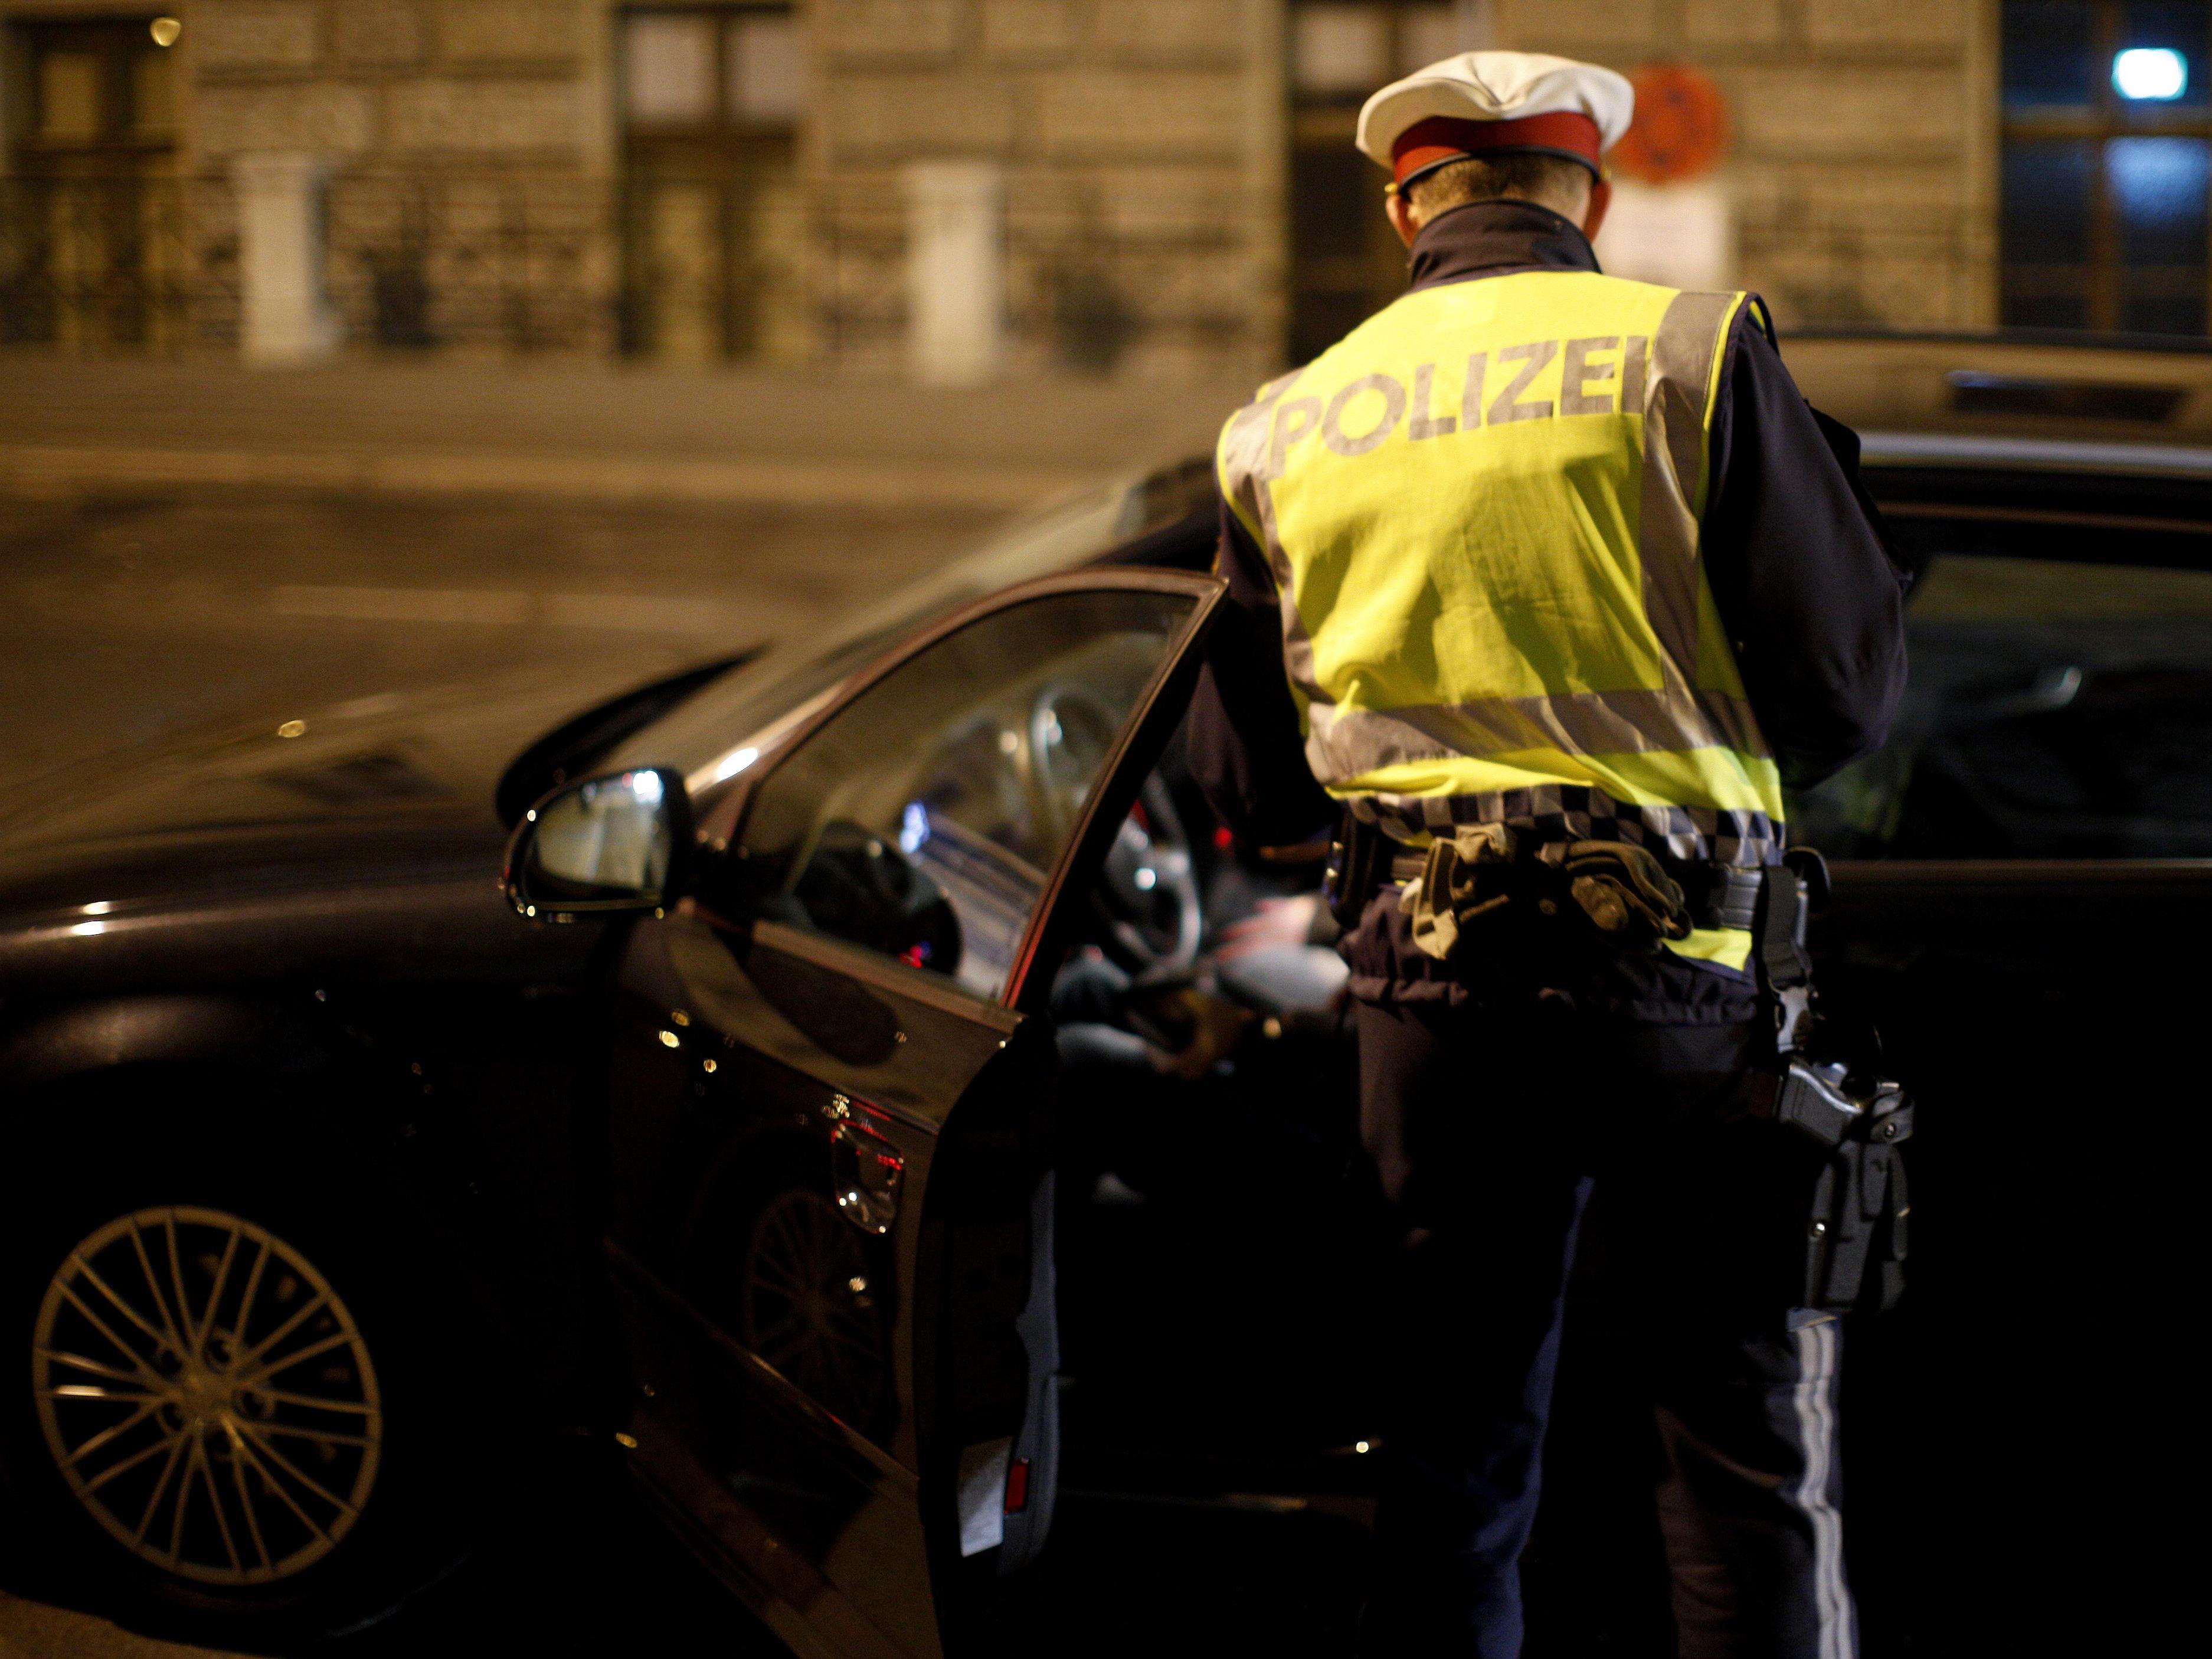 Ein Dauerhuper rief die Polizei zum Einsatz